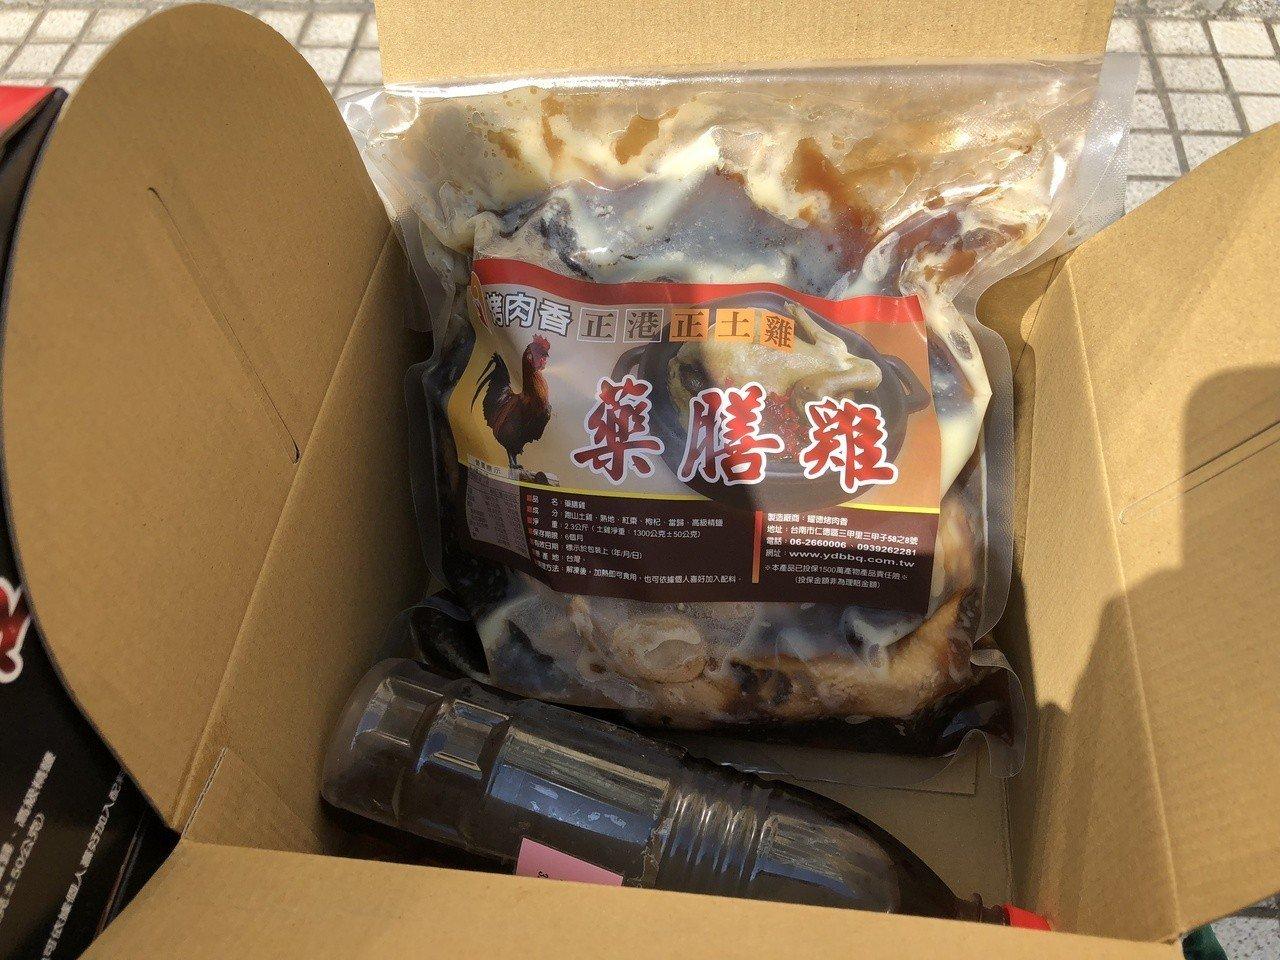 今年暖心廠商捐贈藥膳雞給警消單位加菜,警消開心說,不用再吃泡麵或火鍋過年了。記者...